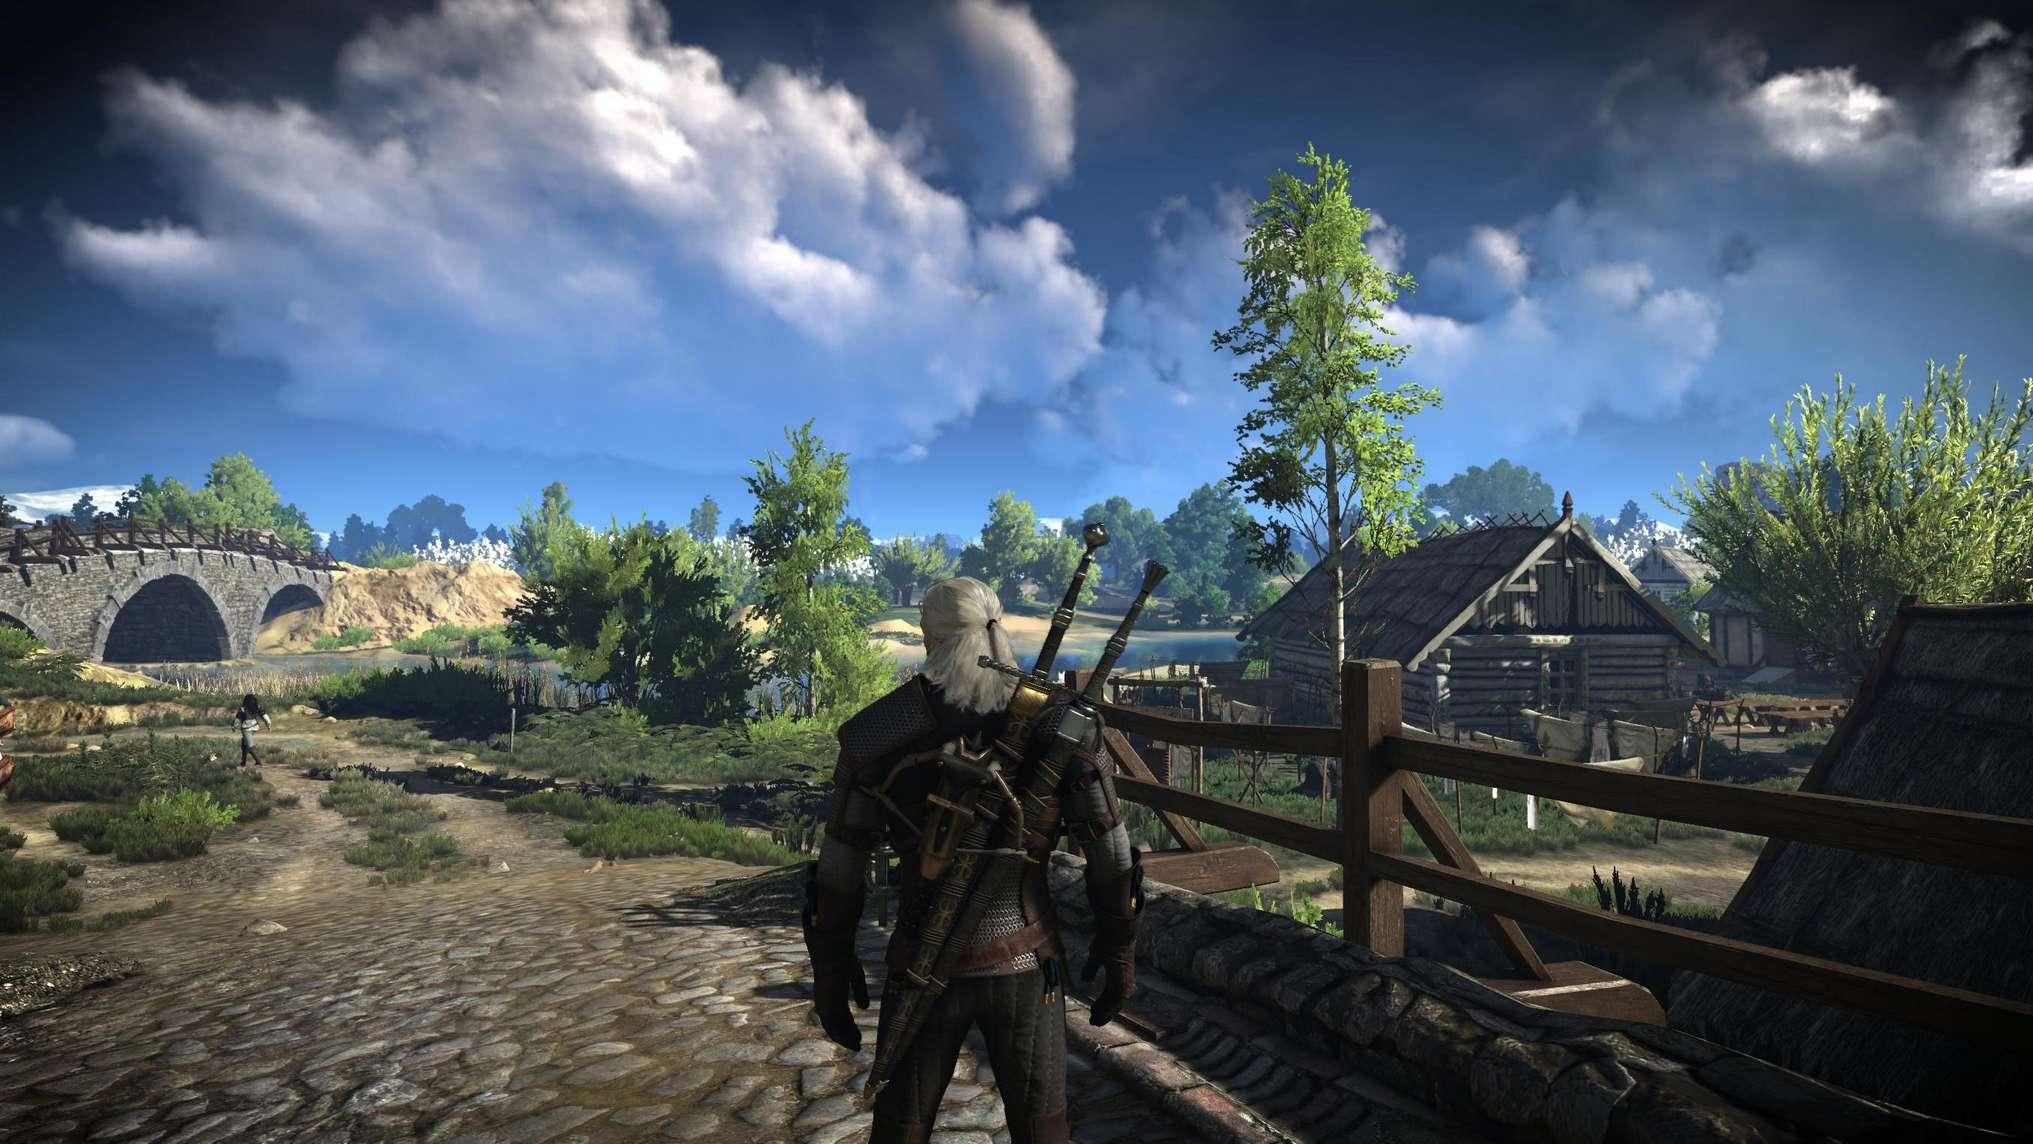 《巫师3:狂猎》增强光照系统mod多幅高清图展示